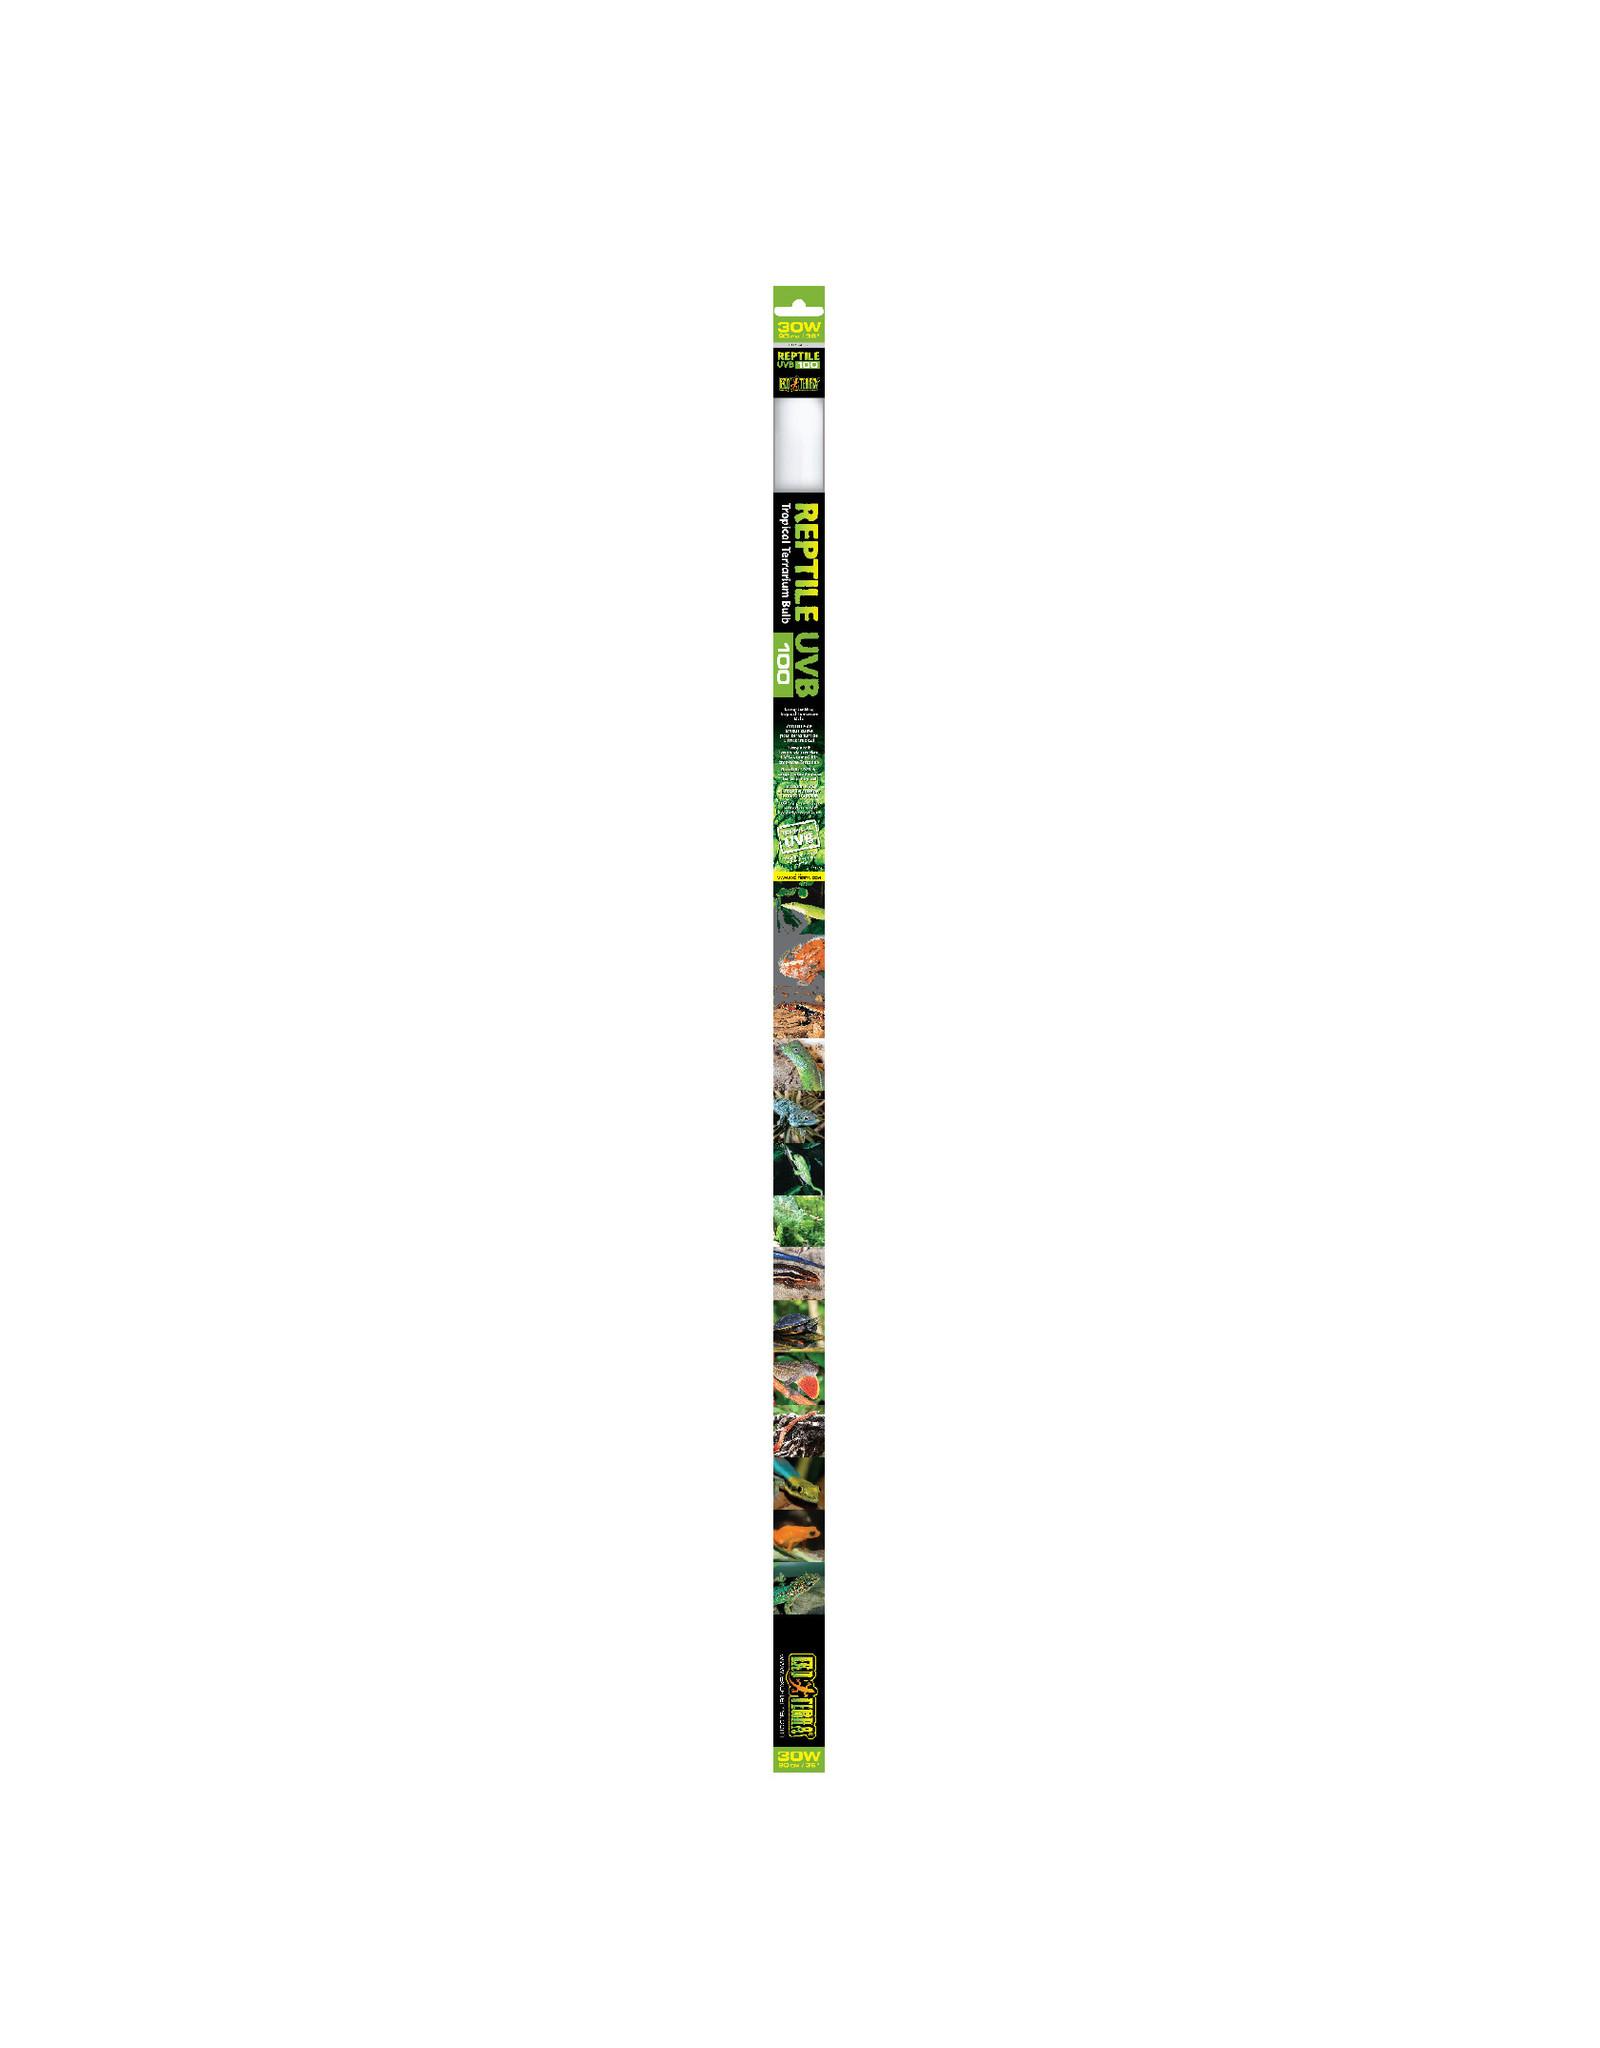 Exo Terra Reptile UVB100 Tropical Terrarium Linear Bulb - 30 W